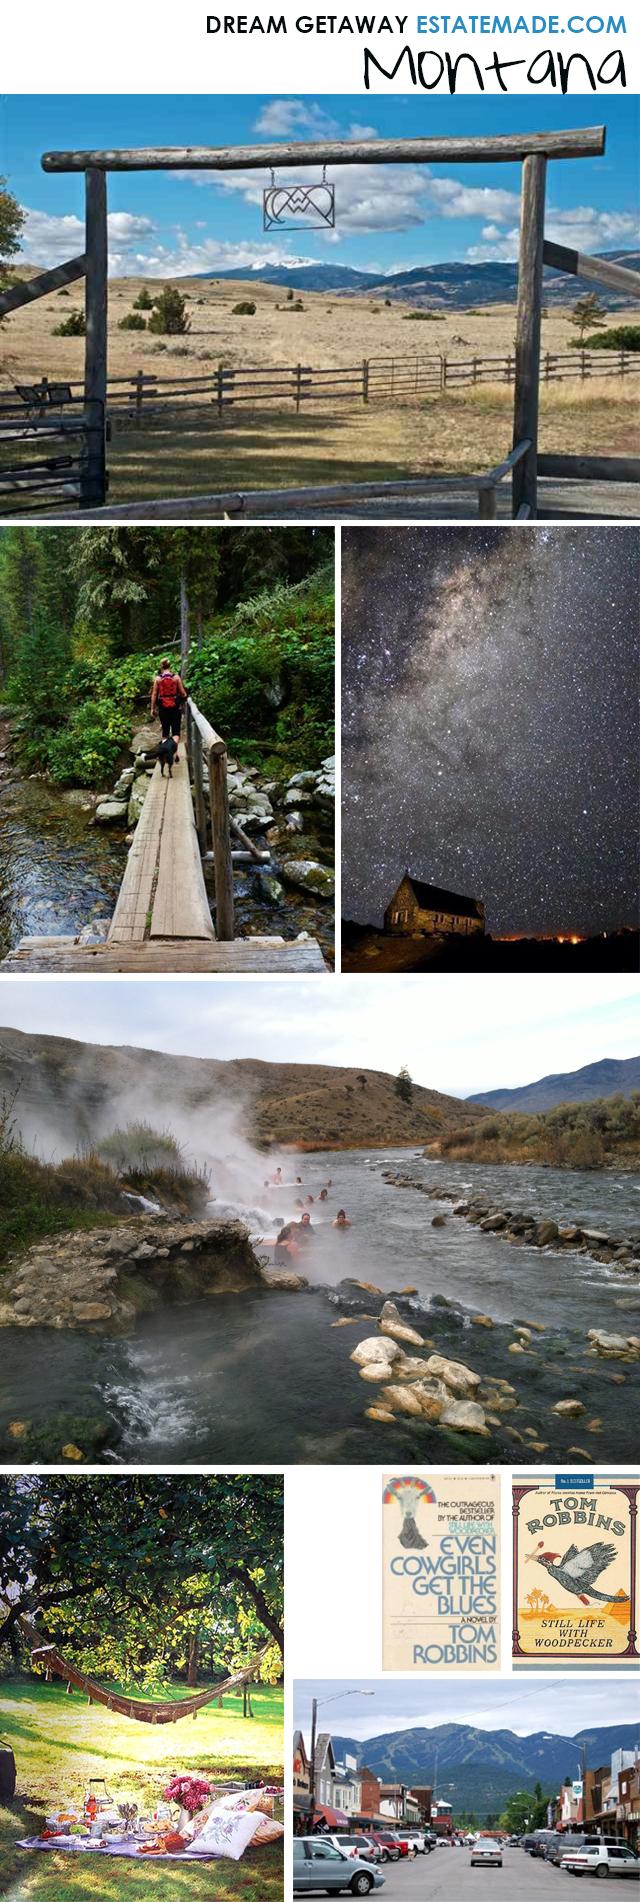 Dream Getaway: Montana